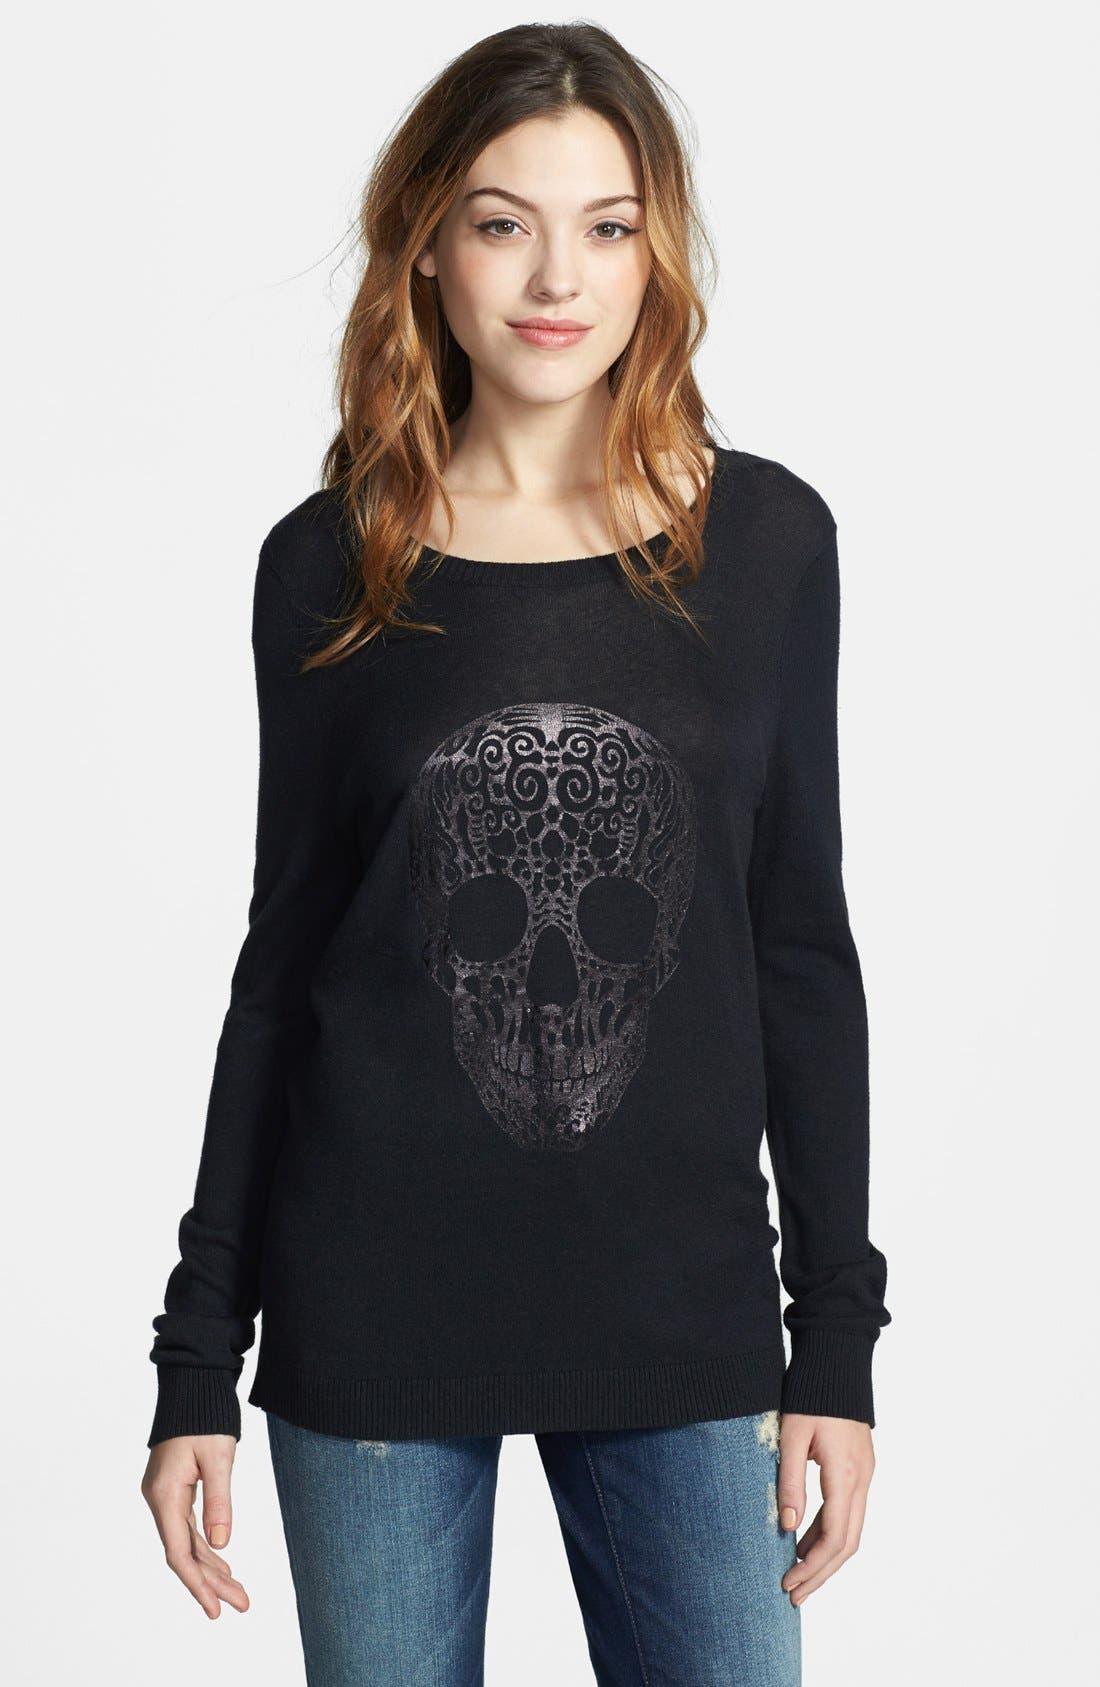 Main Image - kensie 'Skull' Fine Gauge Sweater